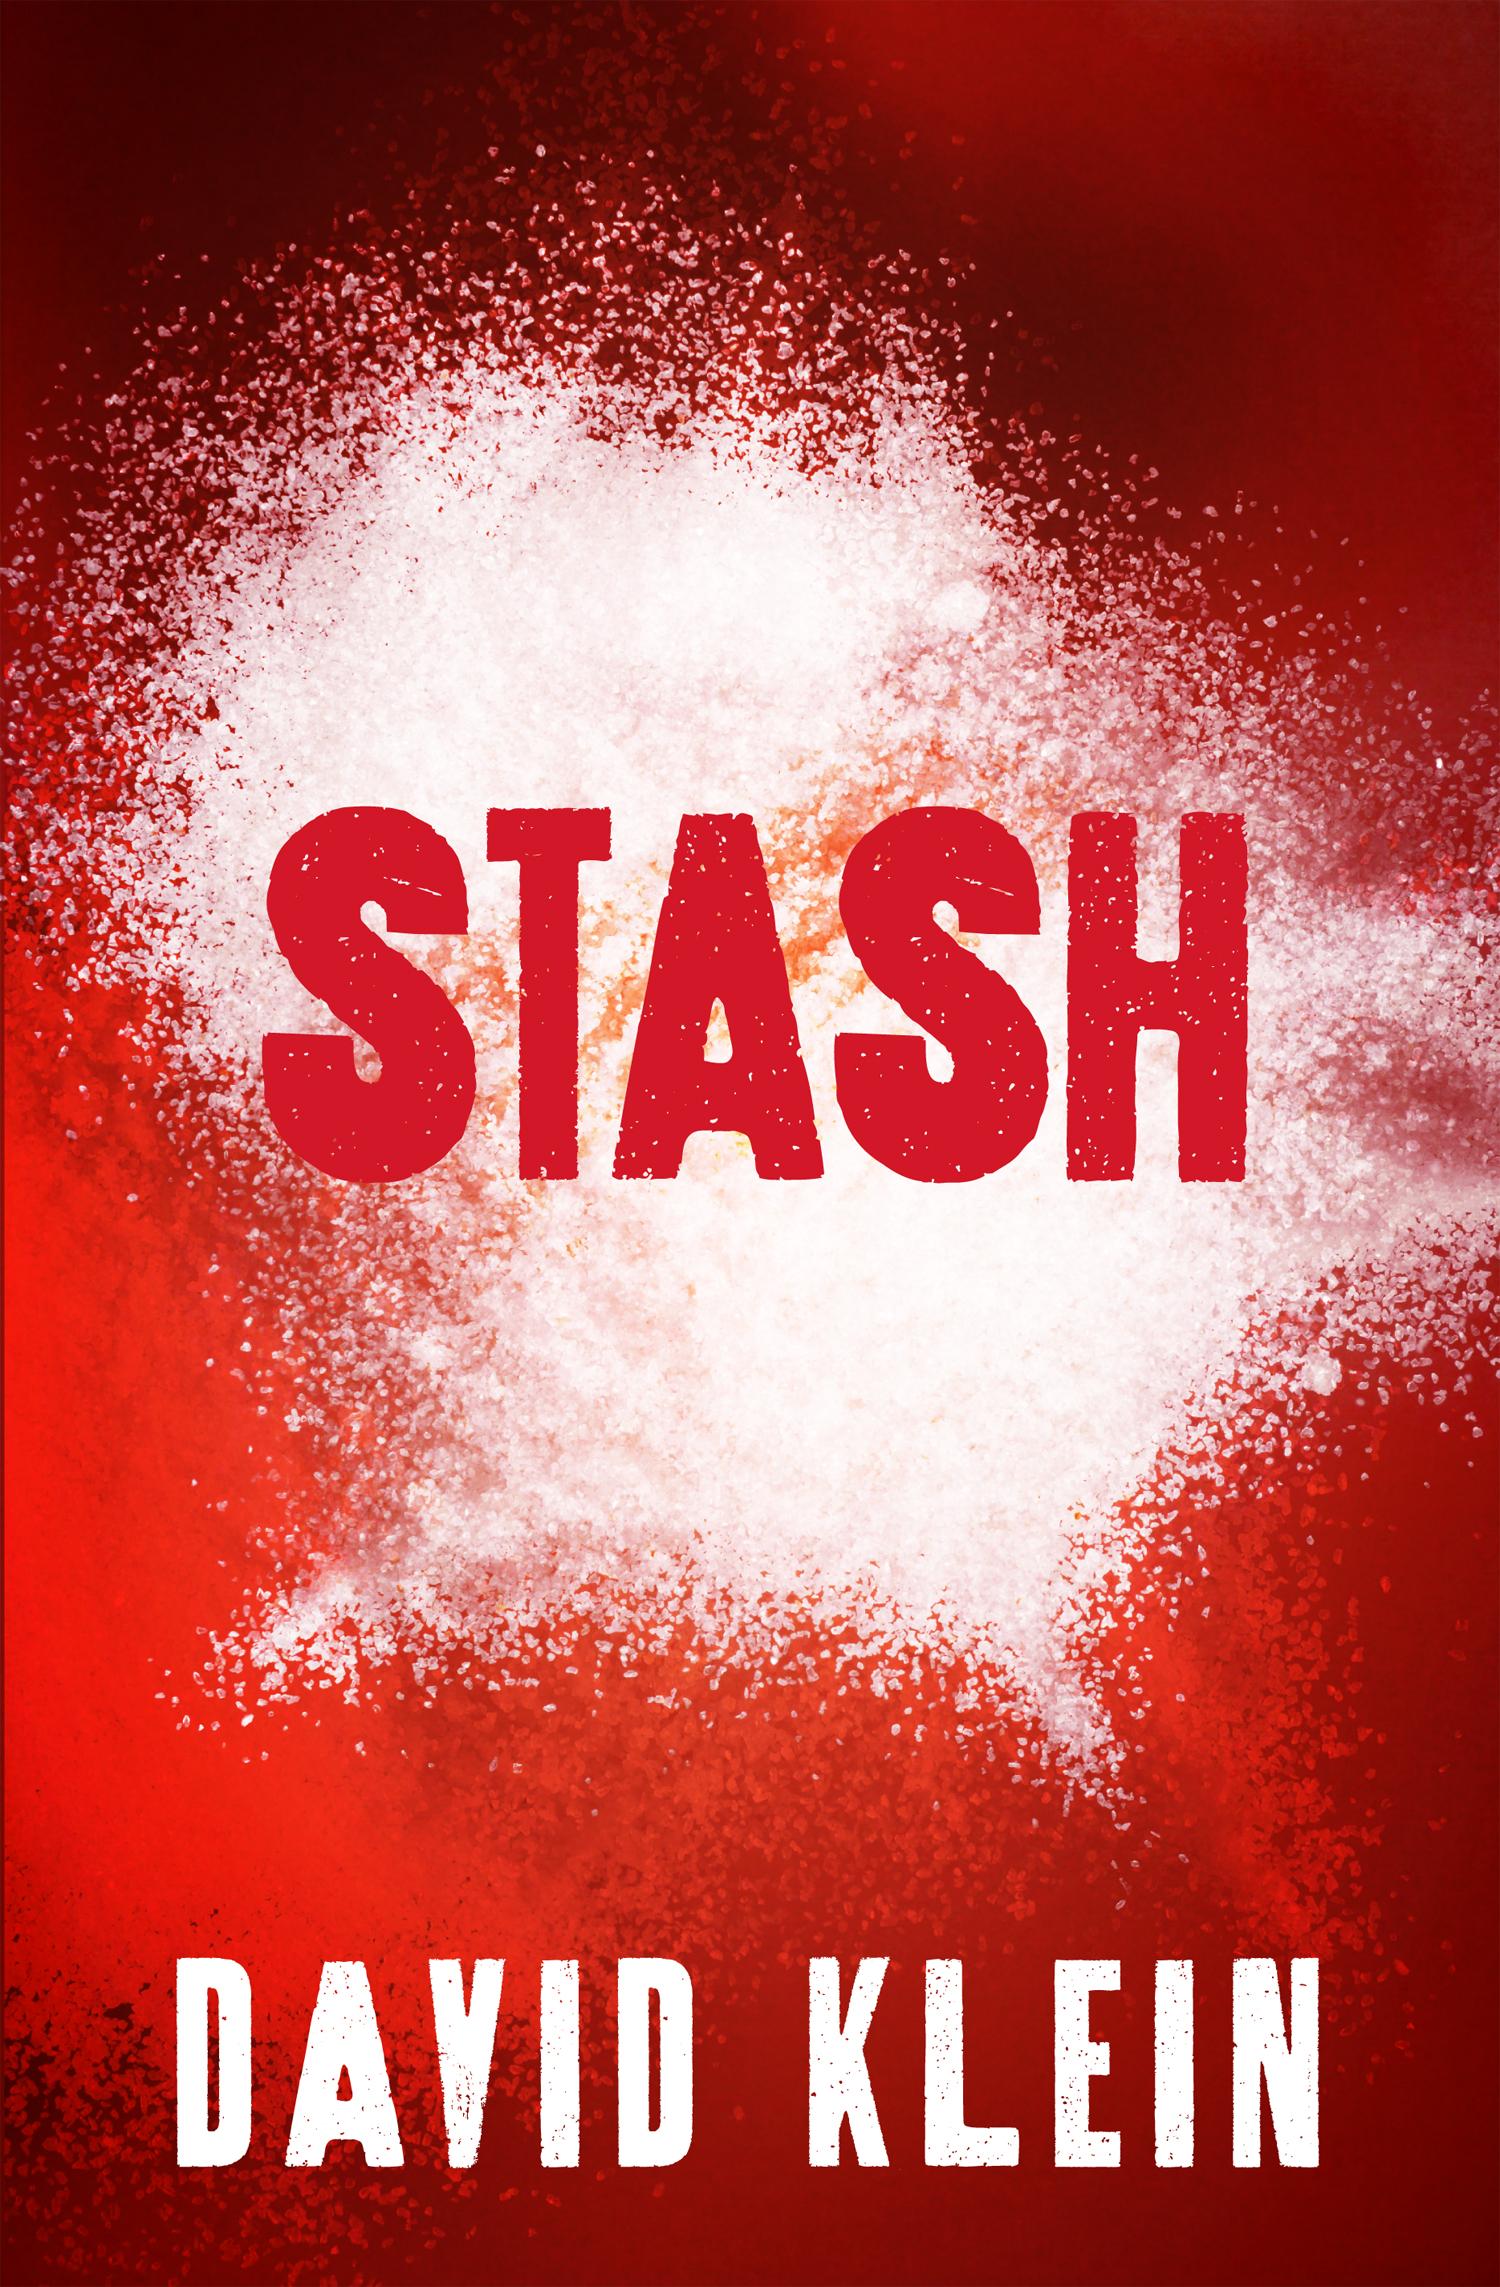 STASH-comp-ss6.jpg